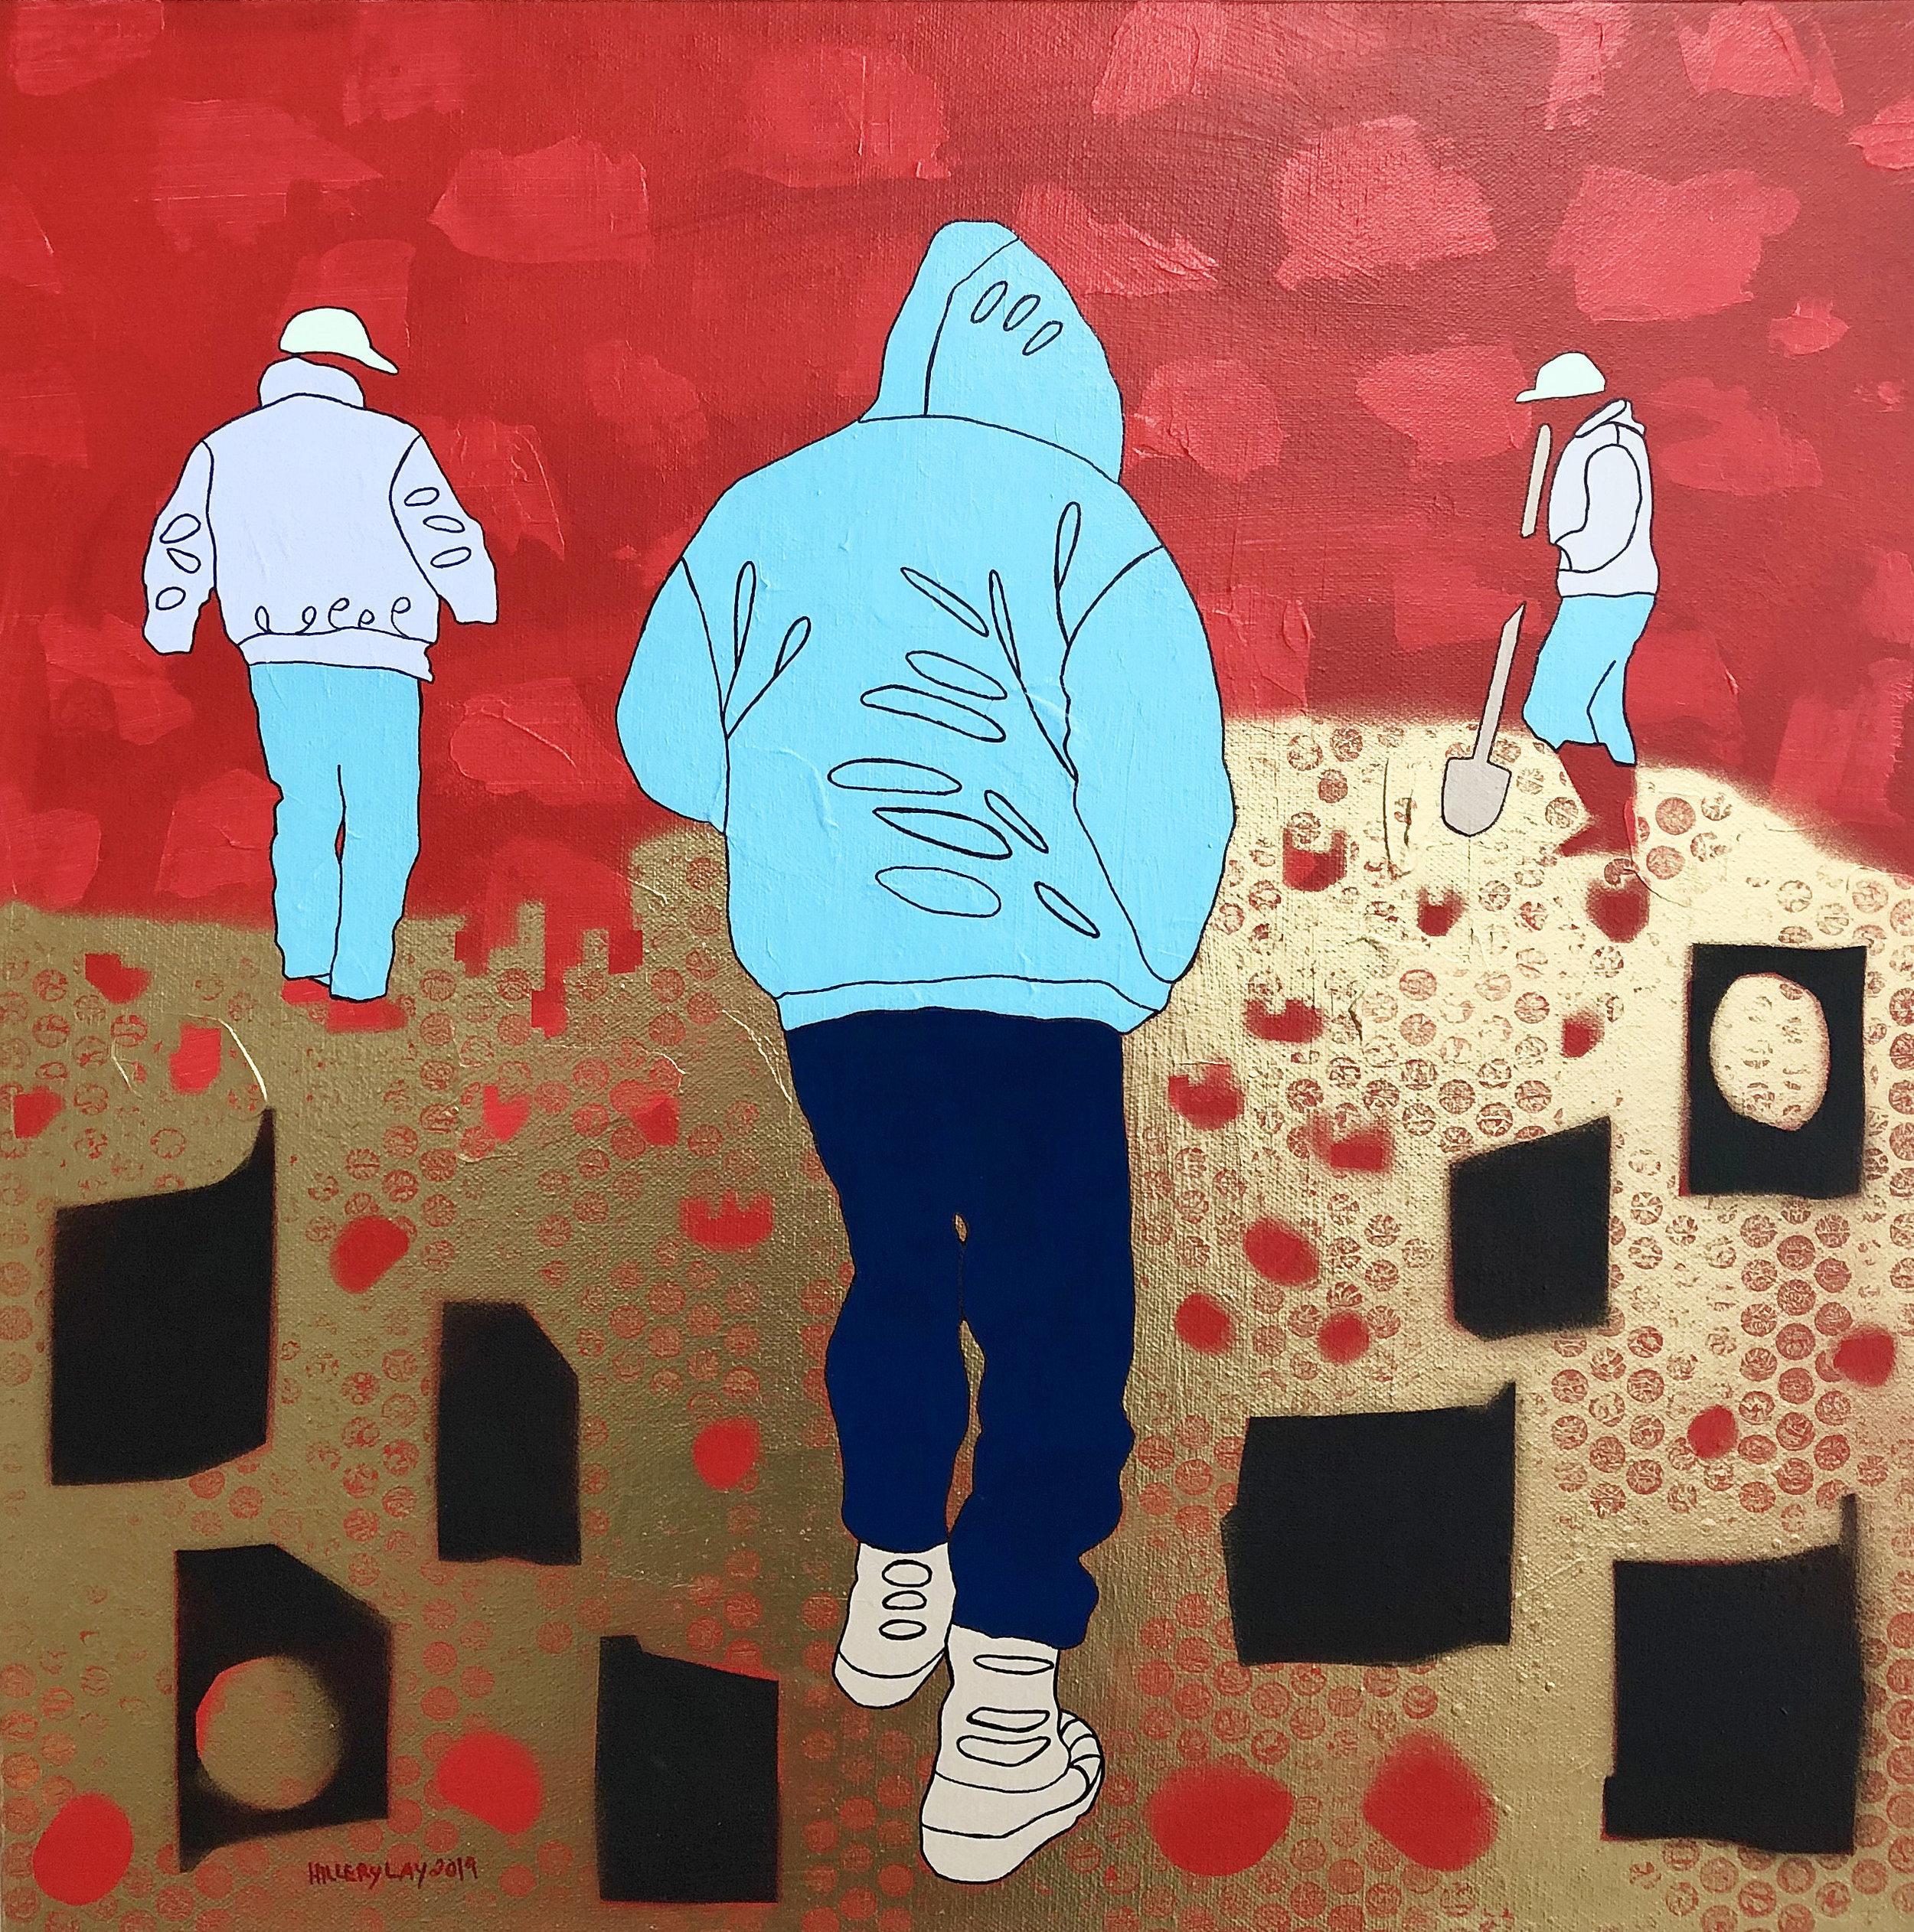 Center 2019, 20 x 20 inches, acrylic, gouache, spray paint, marker on canvas